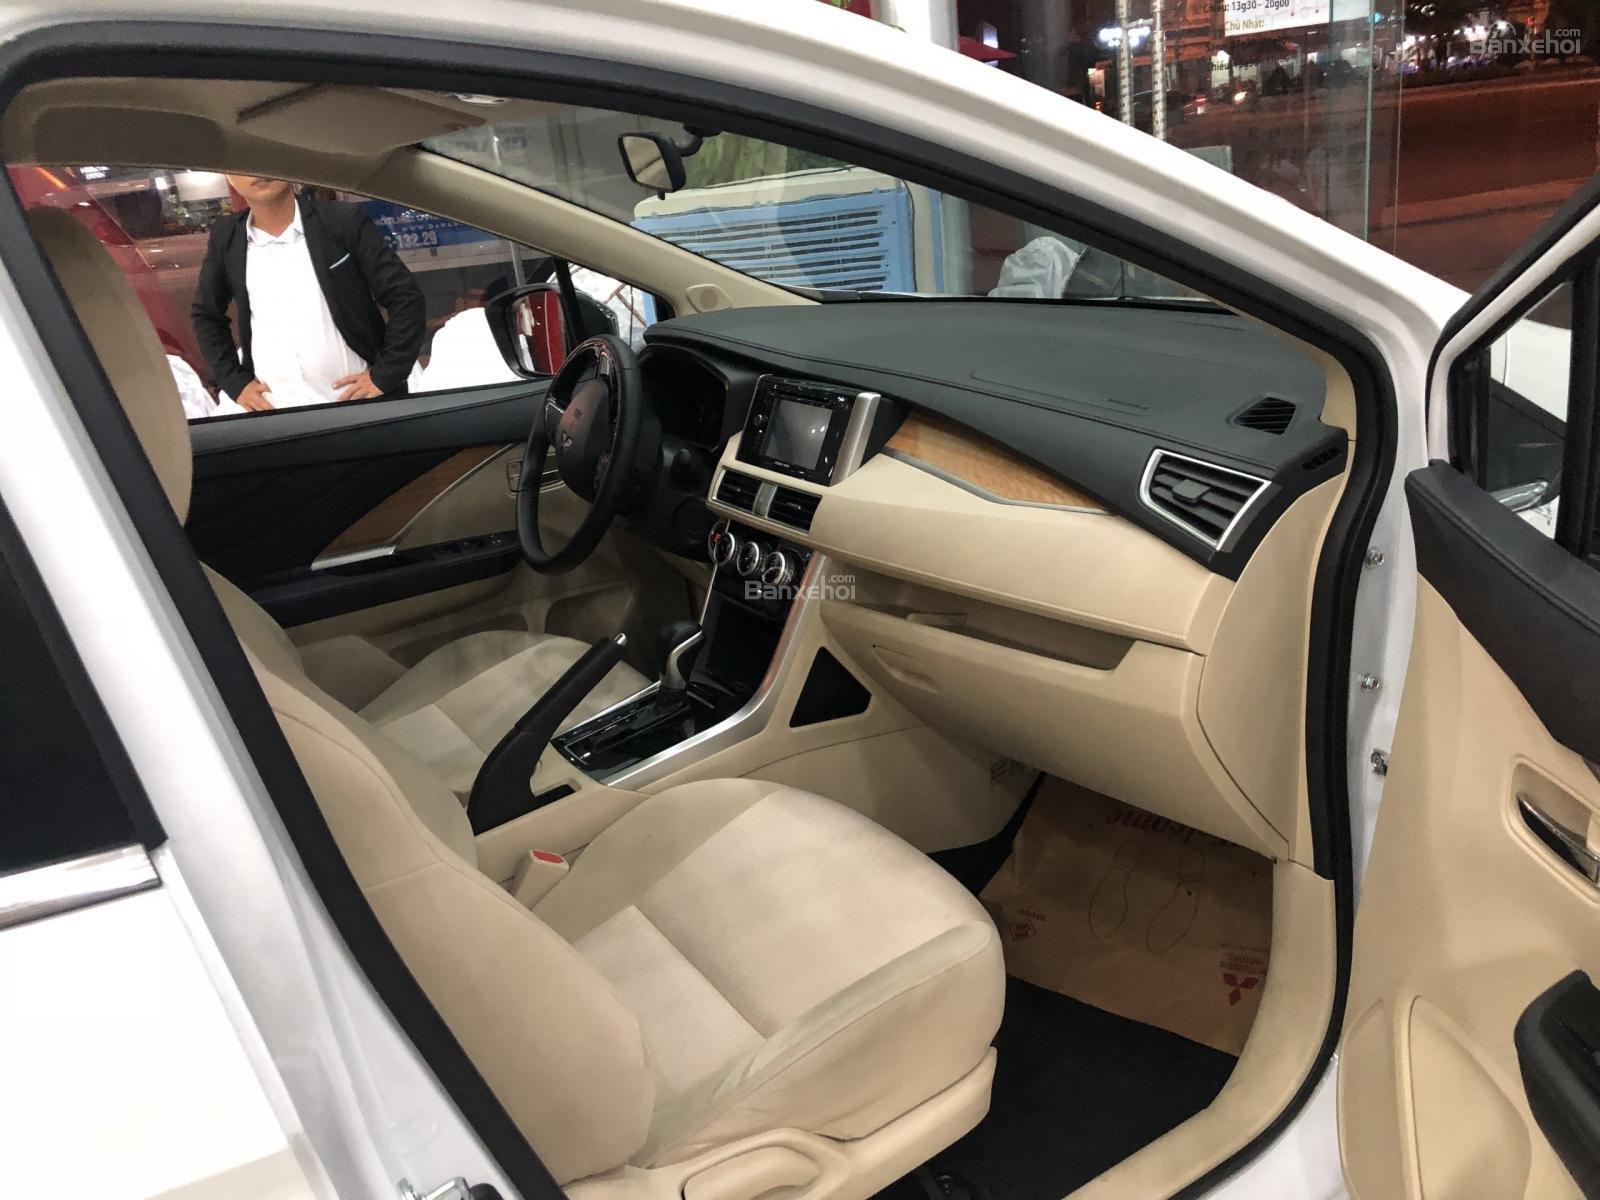 [Siêu Hot] Mitsubishi Xpander nhập nguyên chiếc từ Indo, động cơ 1.5, kinh doanh tốt. LH: 0905.91.01.99-8